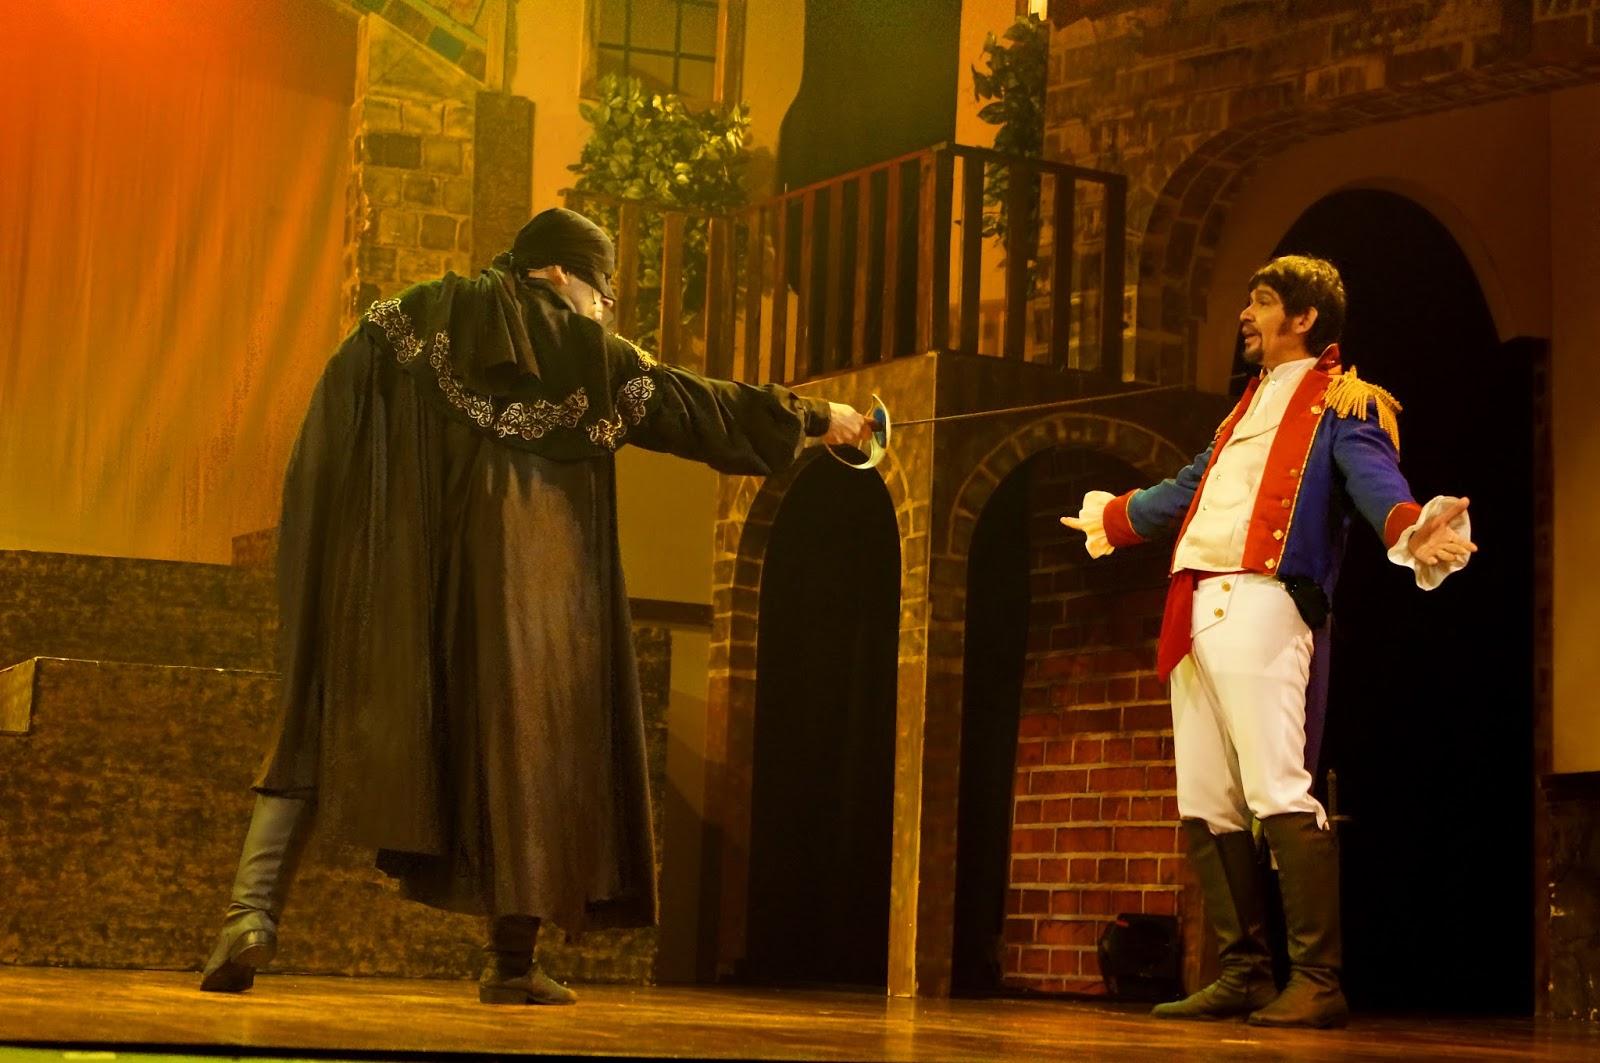 El Zorro Musical, Panama Eventos, Teatro en Circulo Panama, El Zorro Panama